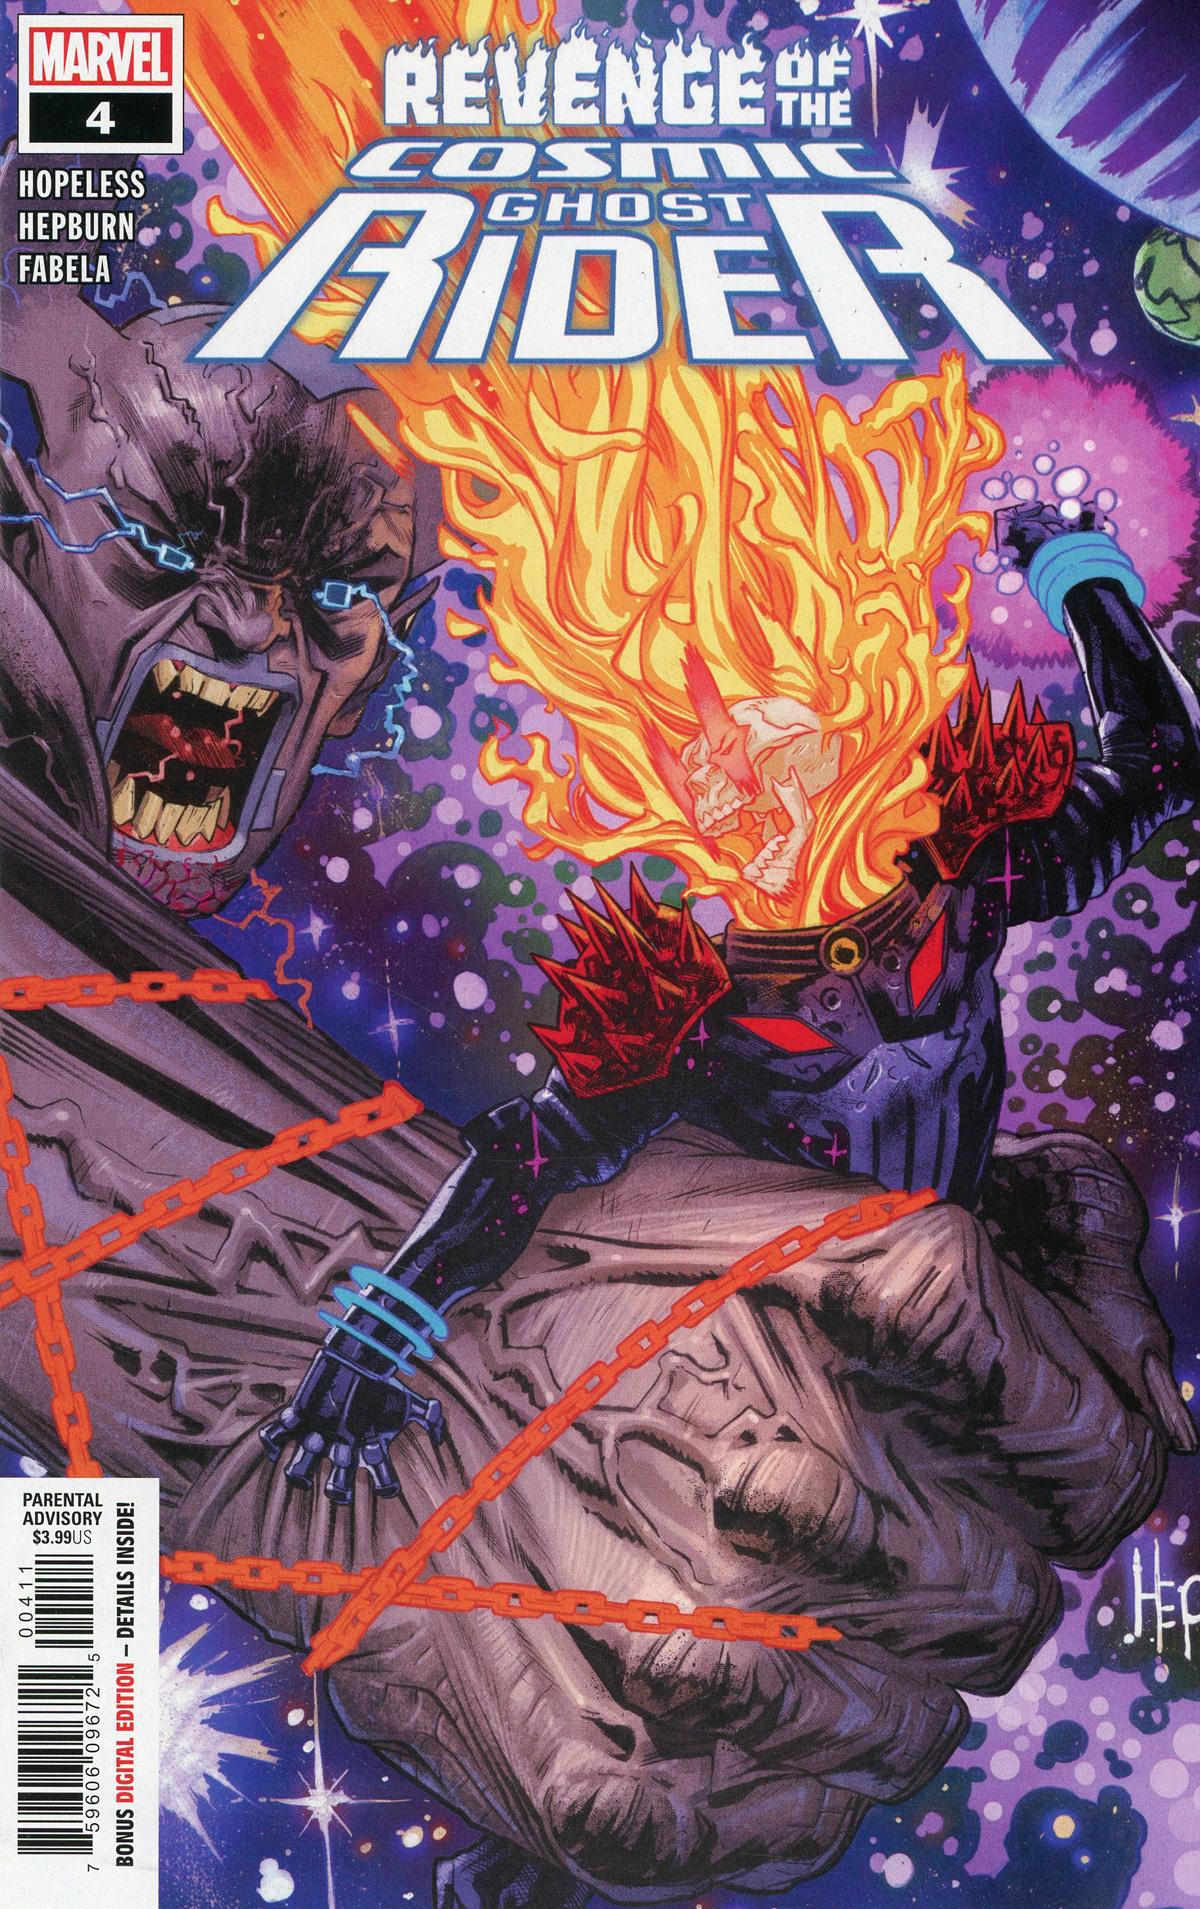 Revenge Of The Cosmic Ghost Rider #4 Cover A Regular Scott Hepburn Cover